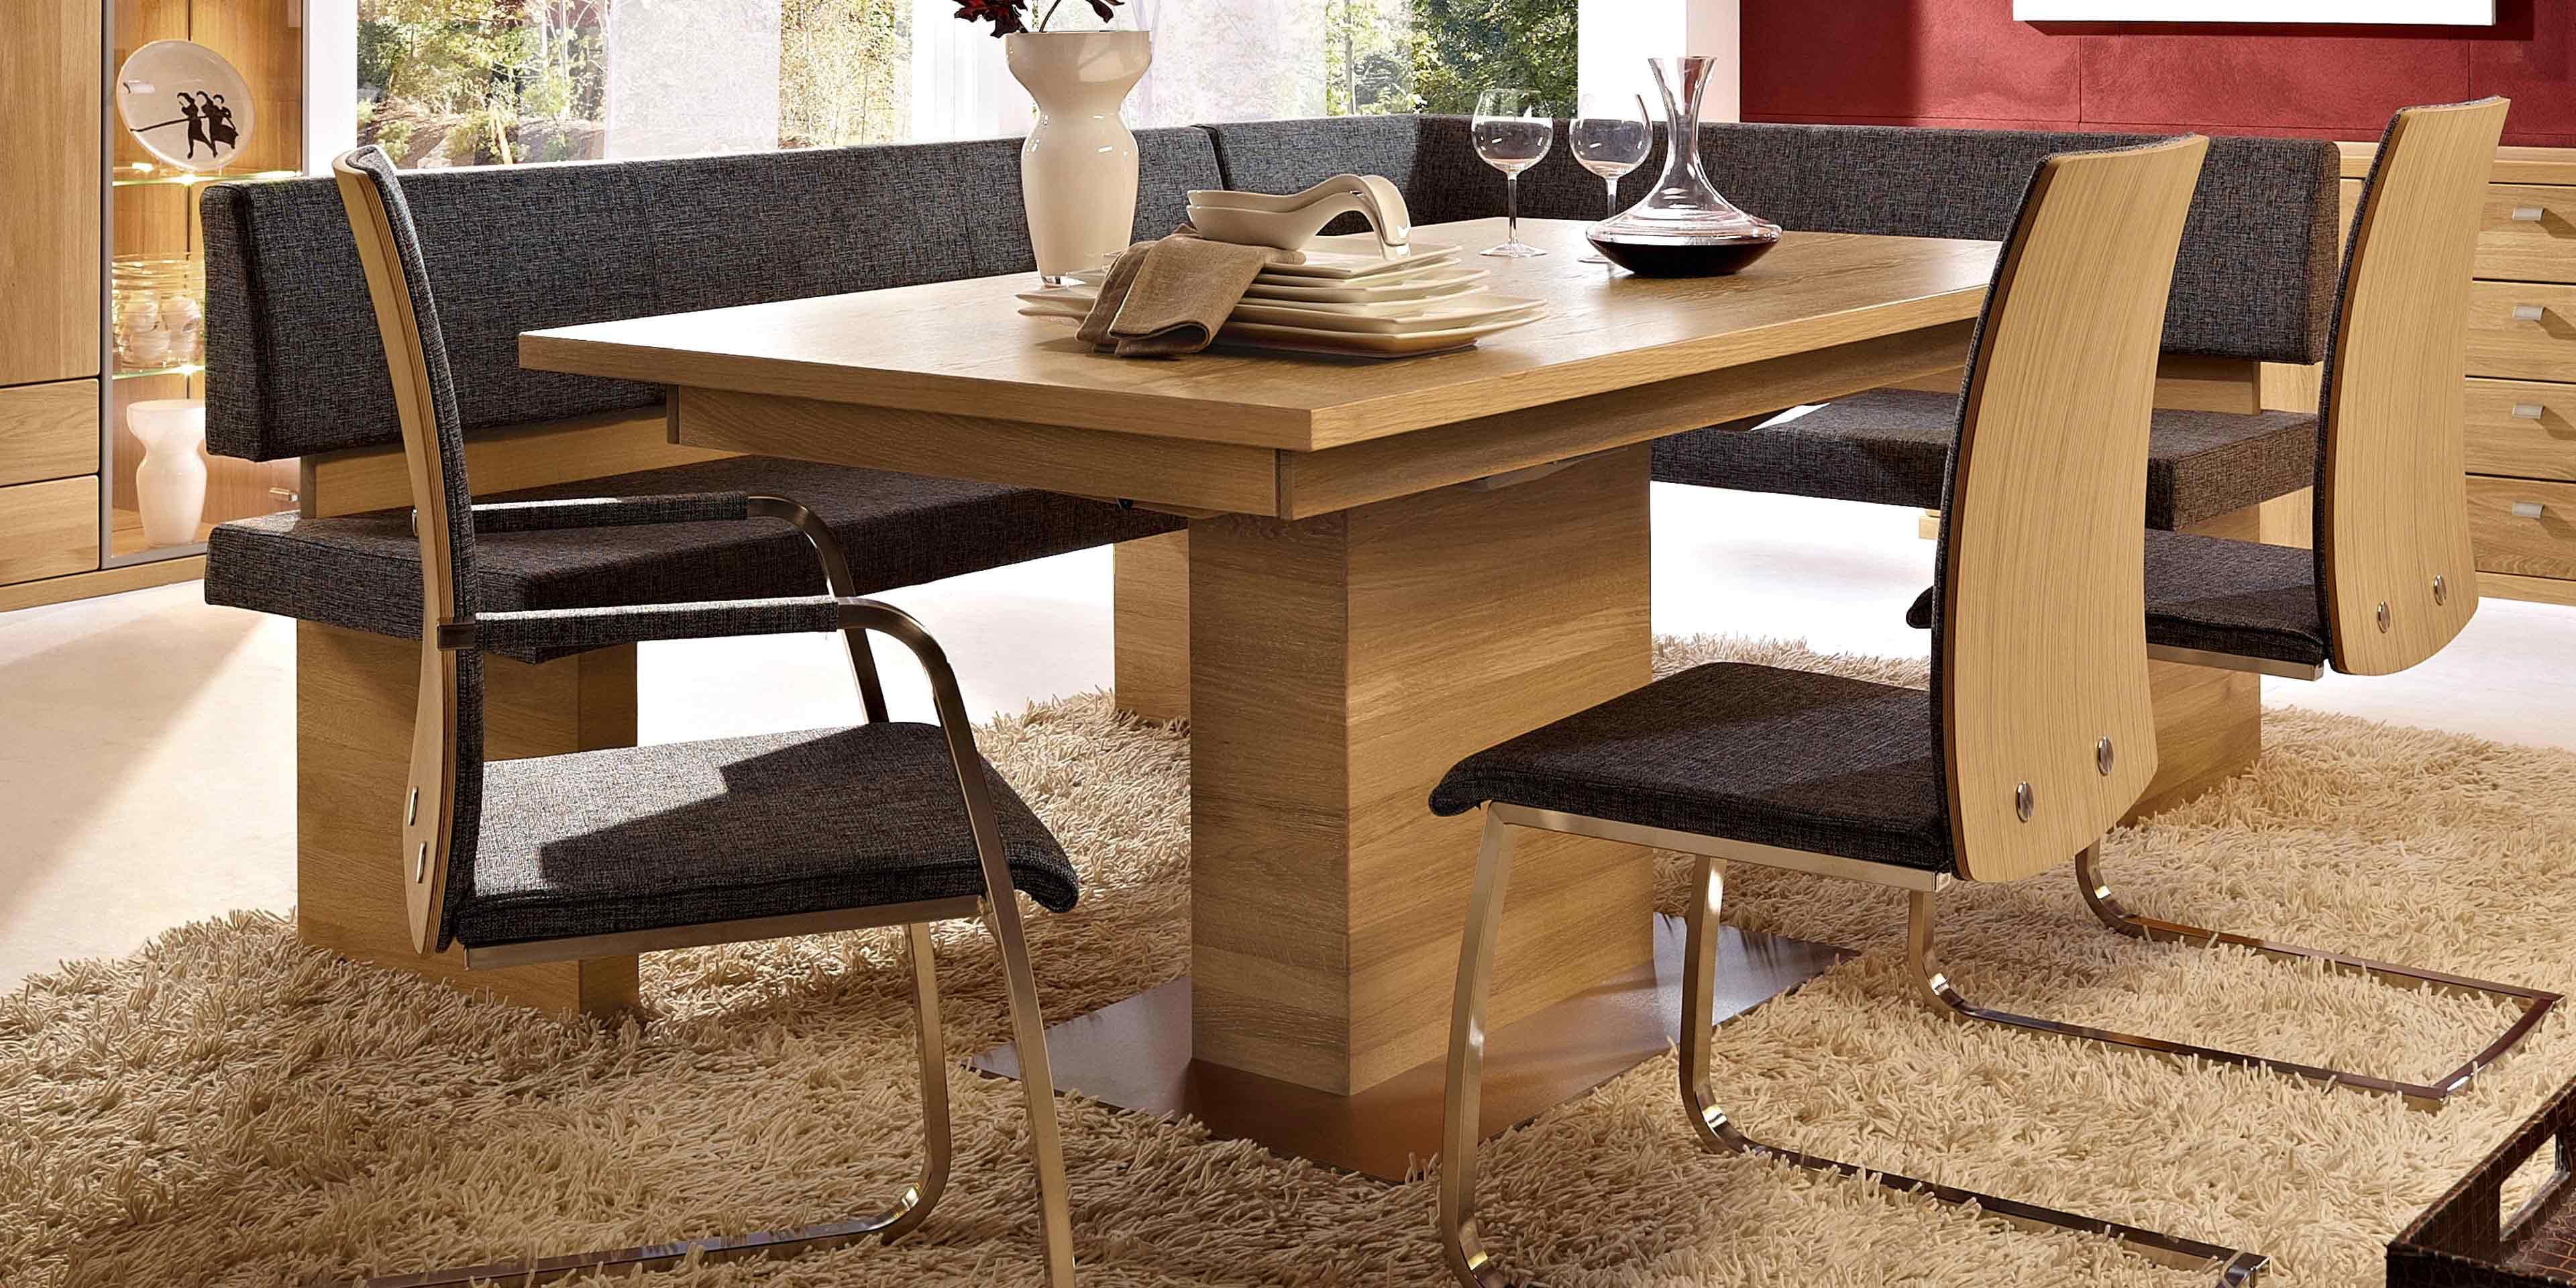 s ulen esstisch f r cento rmw wohnm. Black Bedroom Furniture Sets. Home Design Ideas